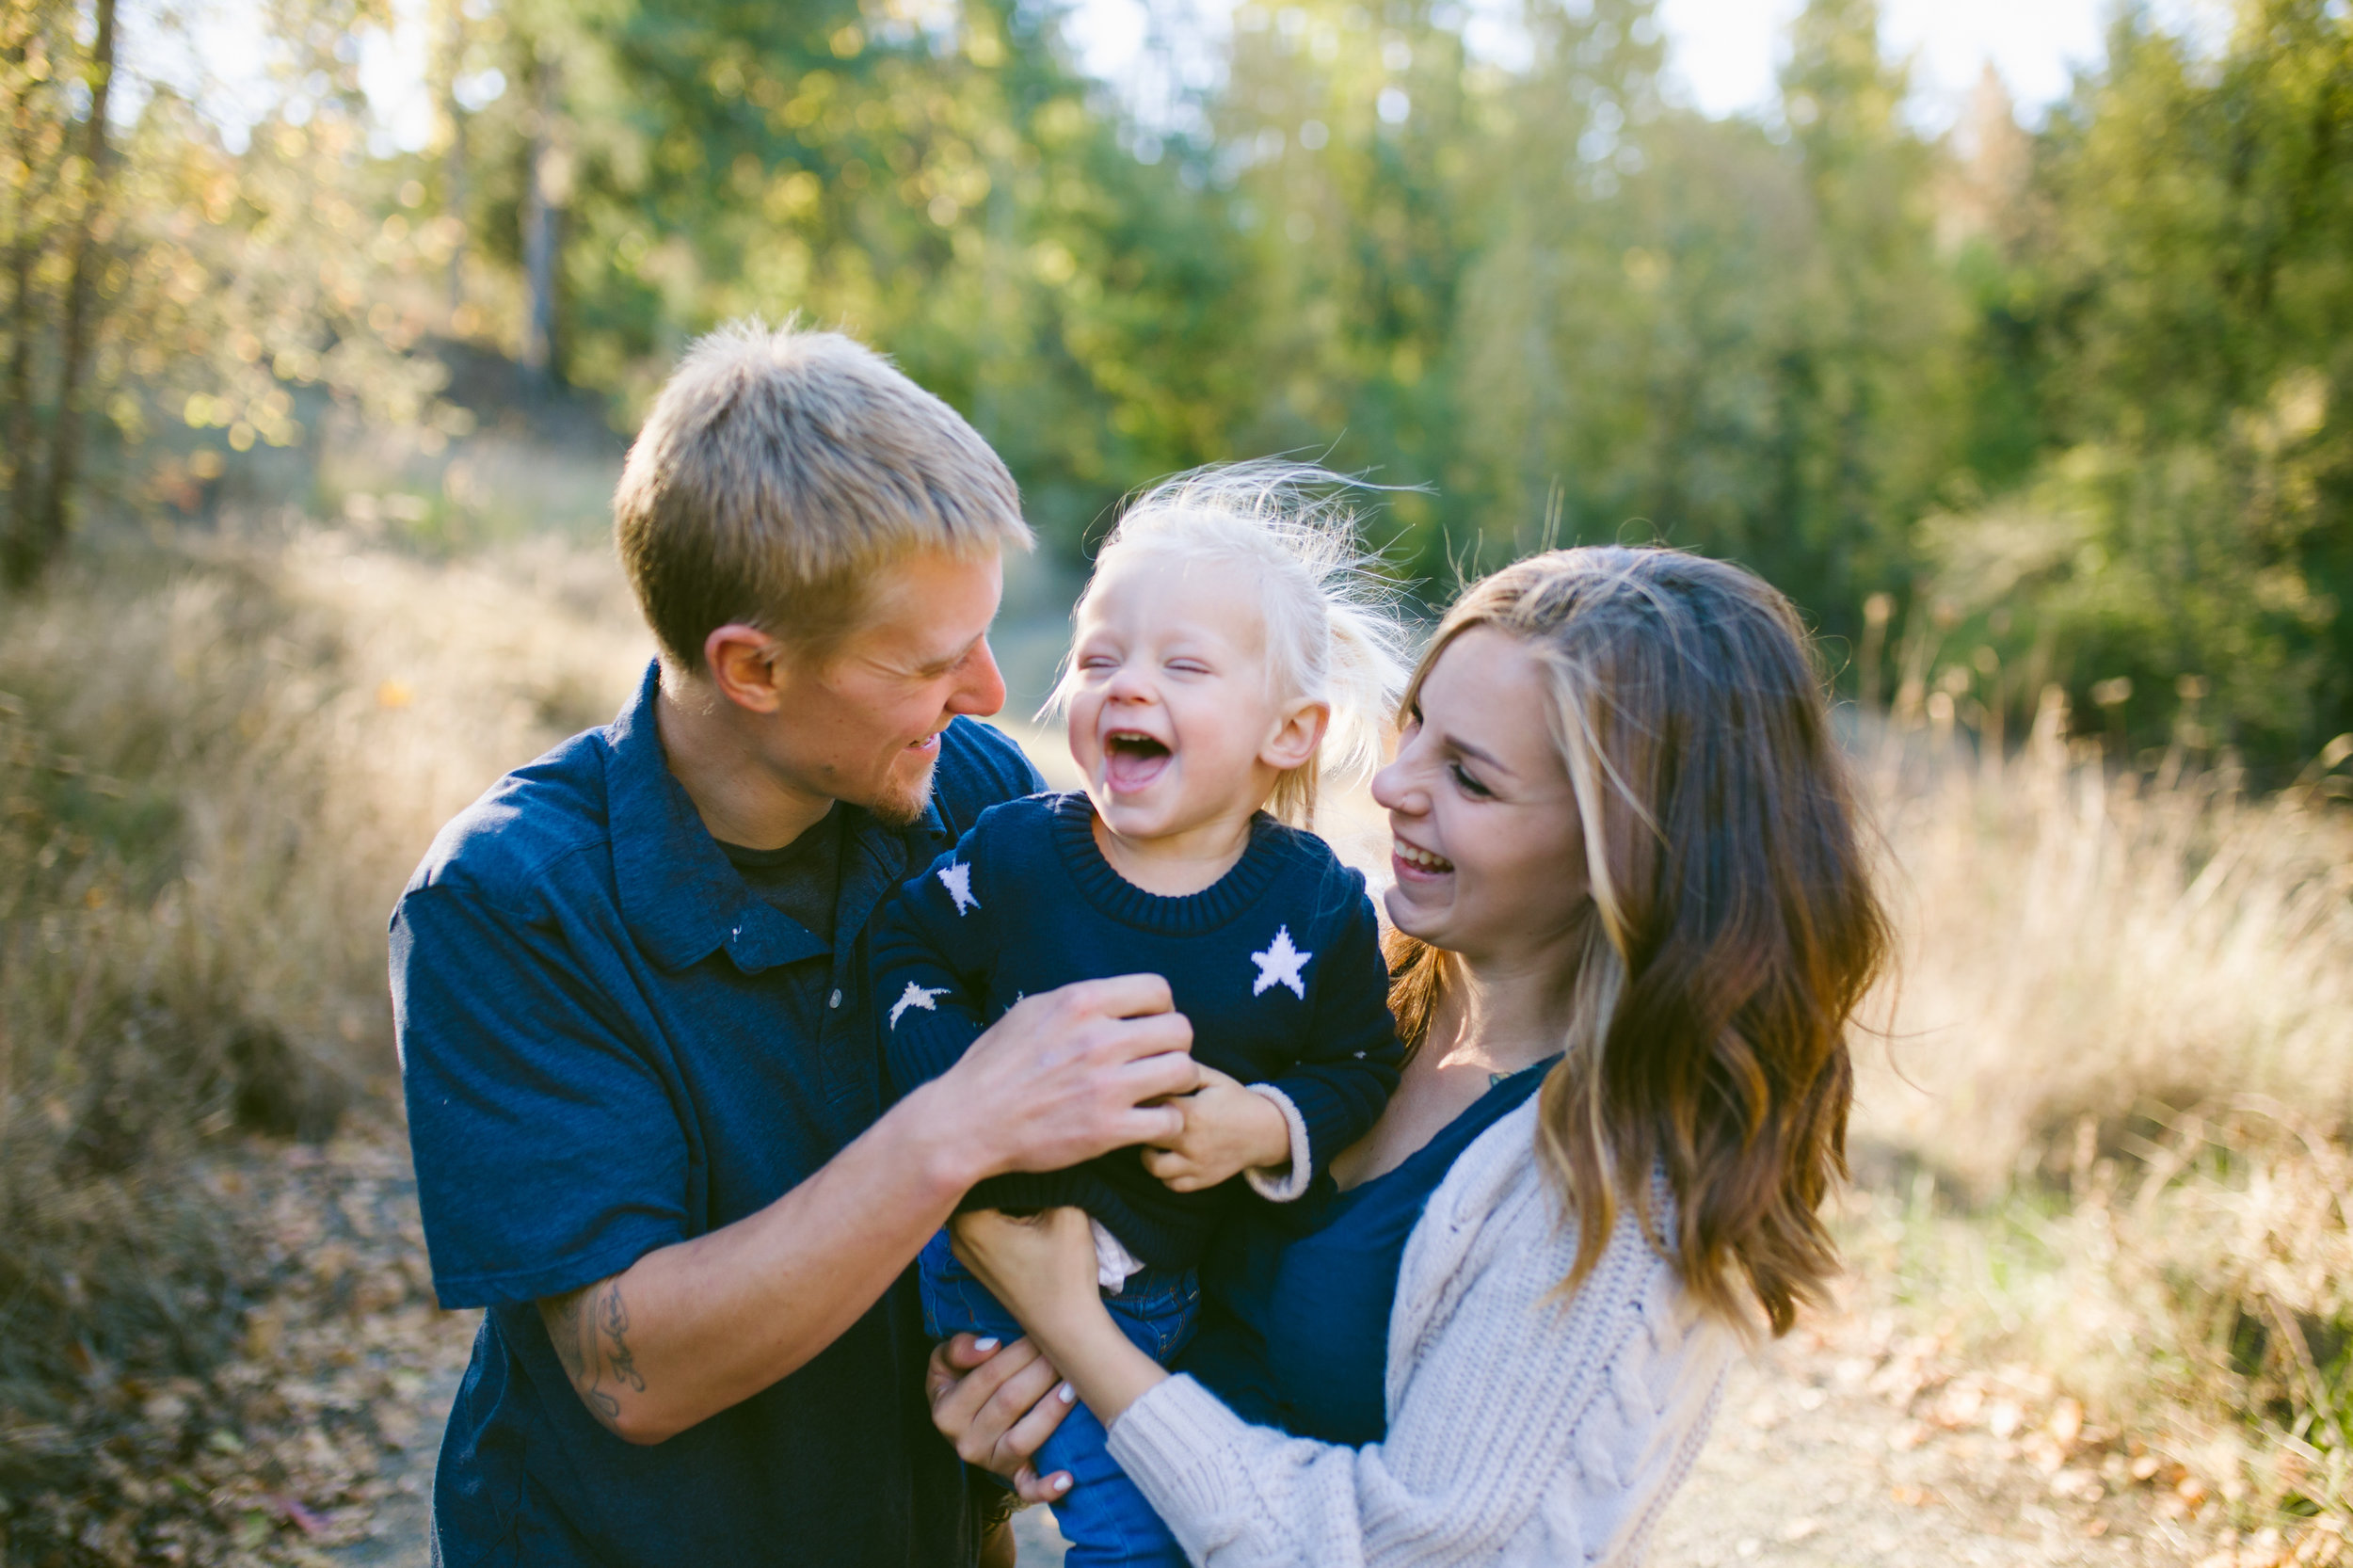 newberg-oregon-family-photographer-16.jpg